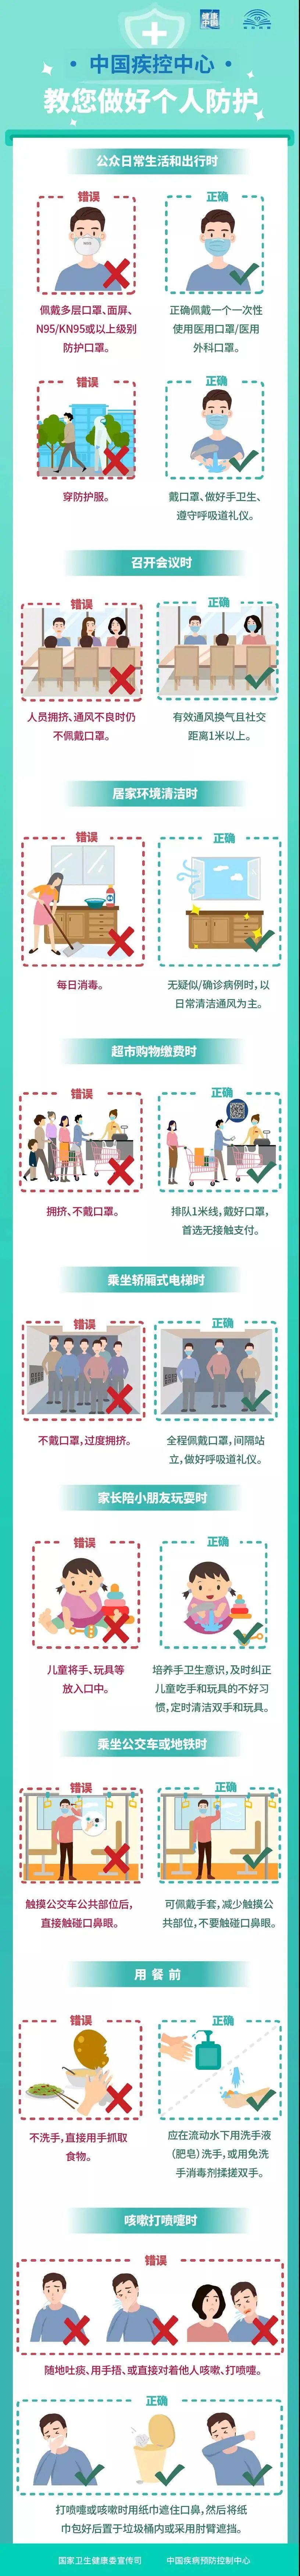 看过来!中国疾控中心支招如何做好个人防护图片